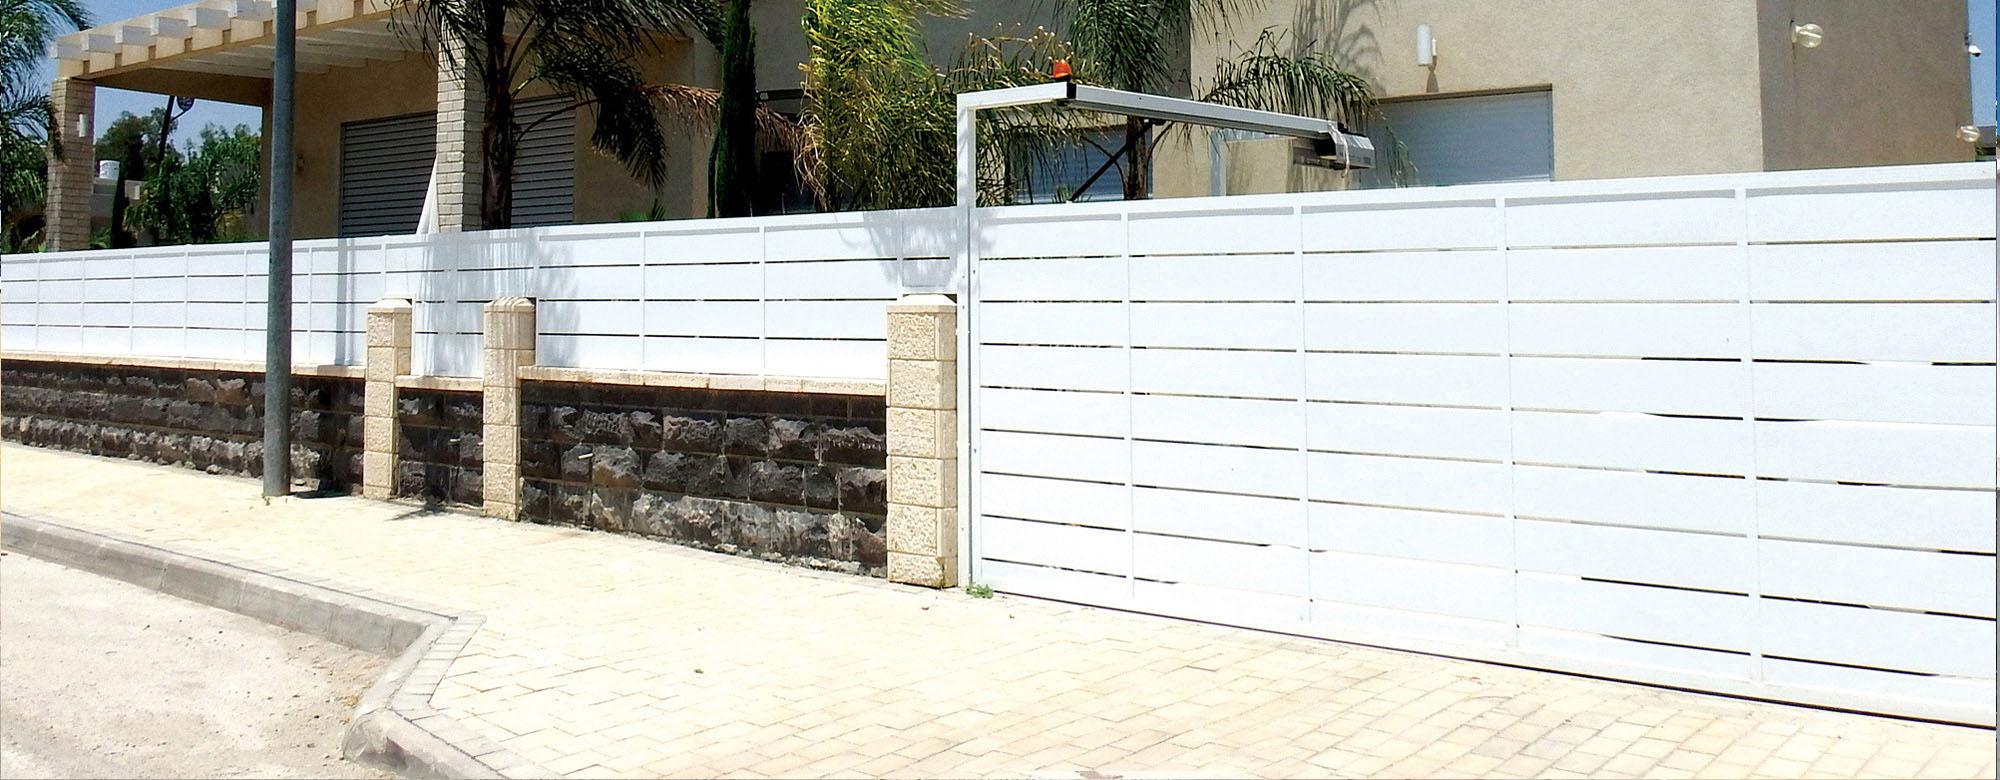 שער לחניה בעיצוב קלאסי של טרלידור